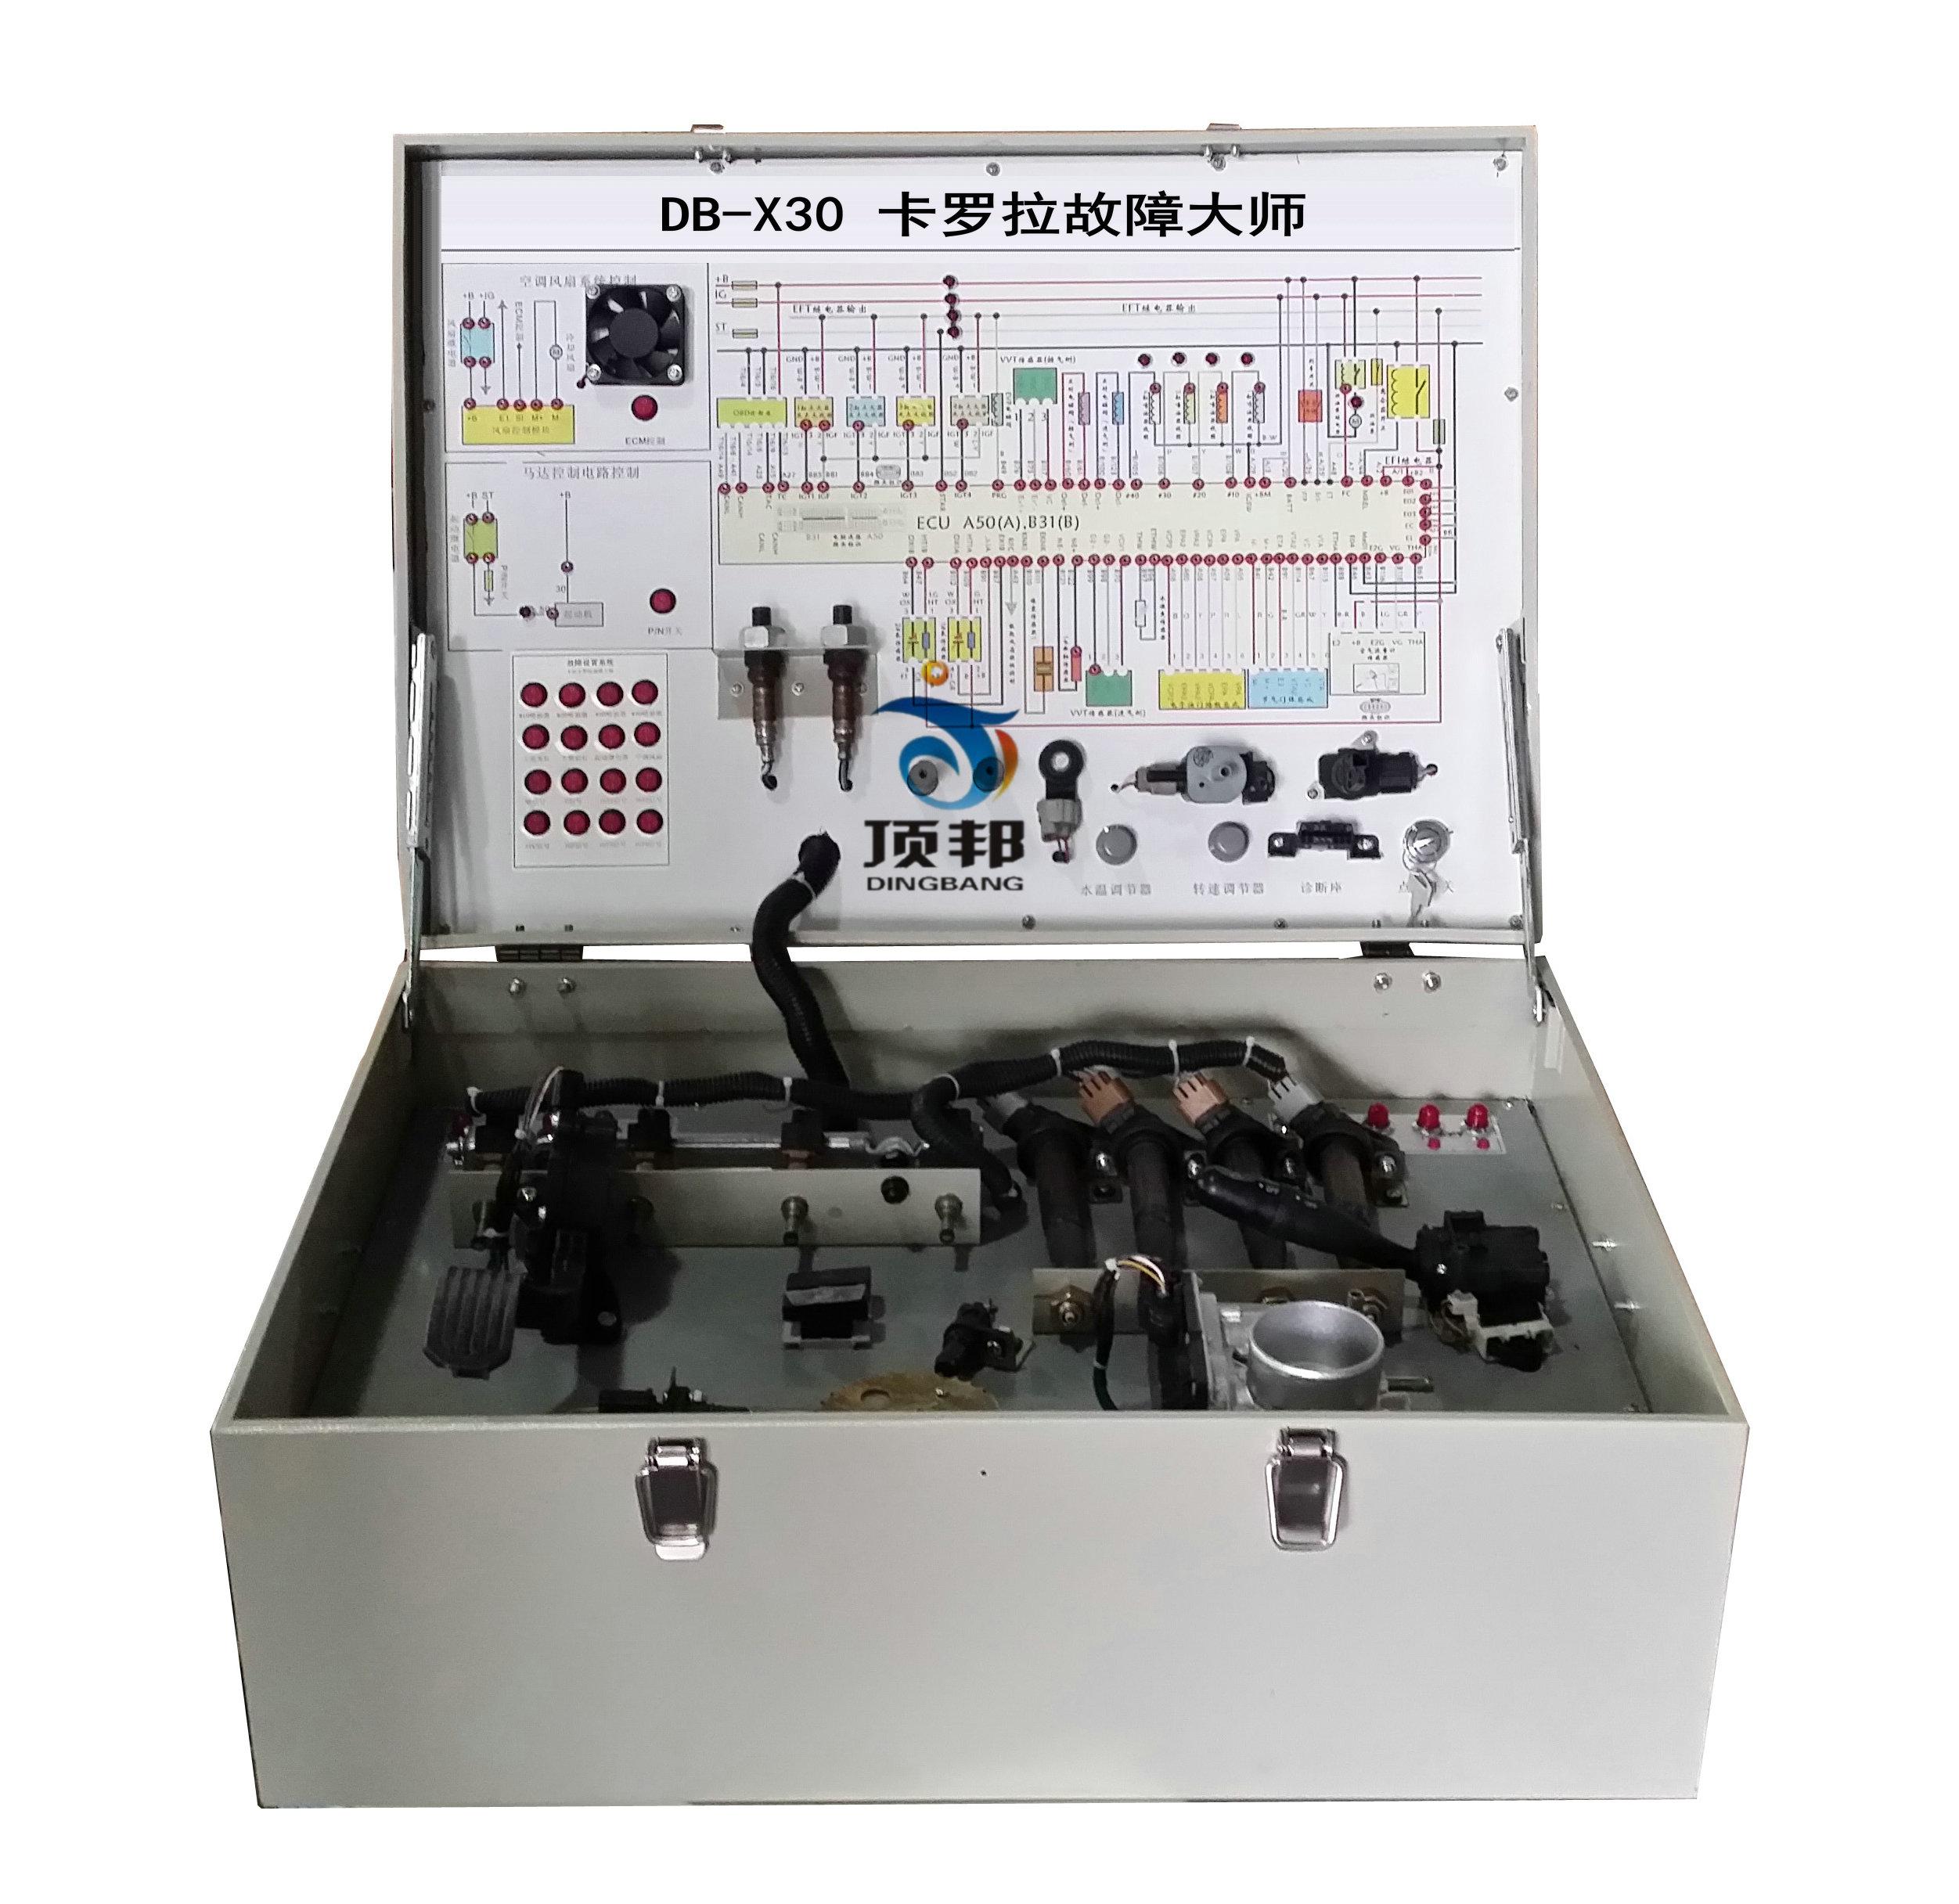 燃油泵控制电路,继电器马达控制电路